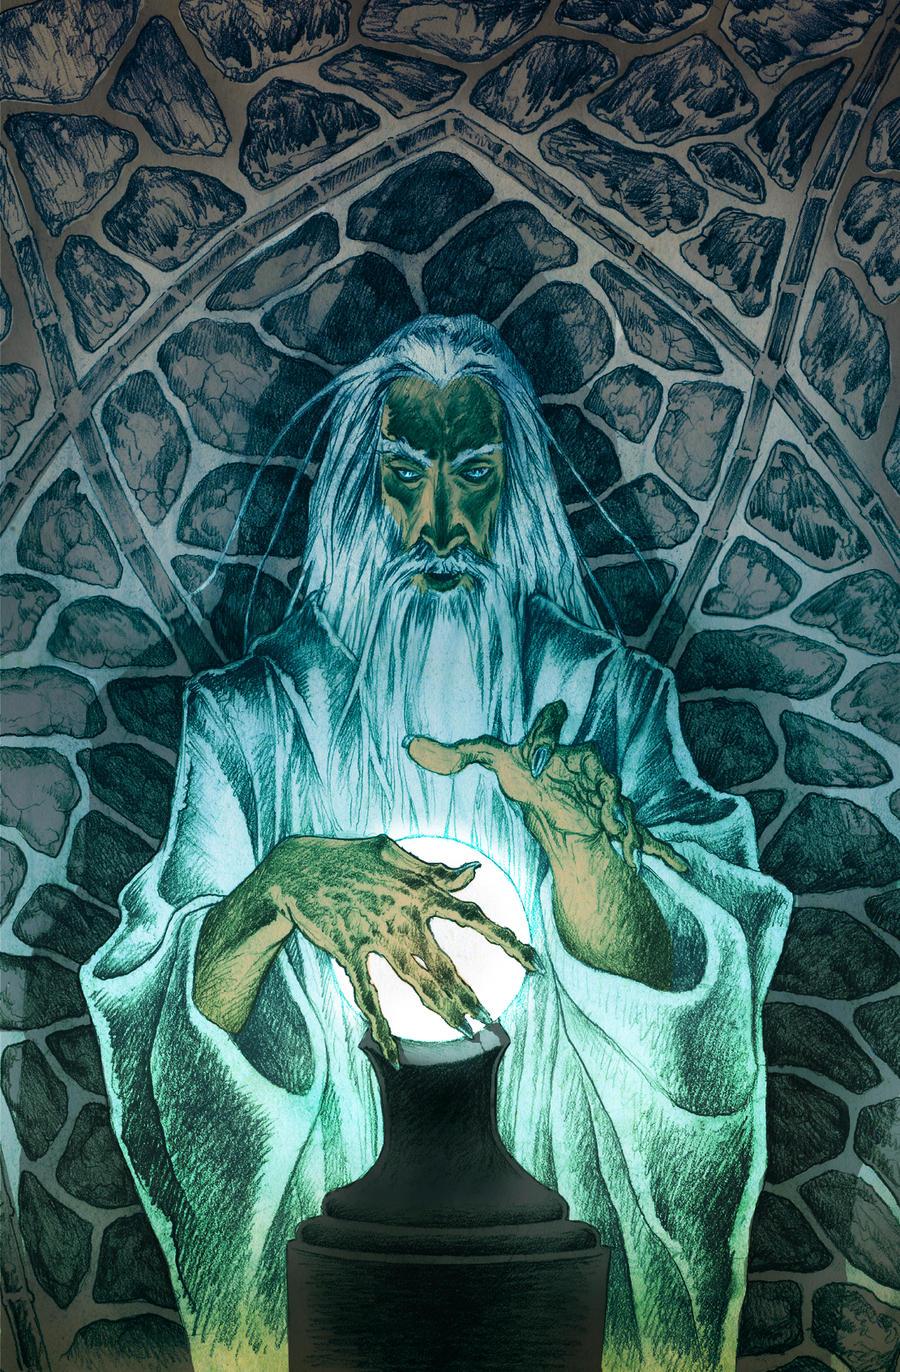 Saruman the White by DanielGovar